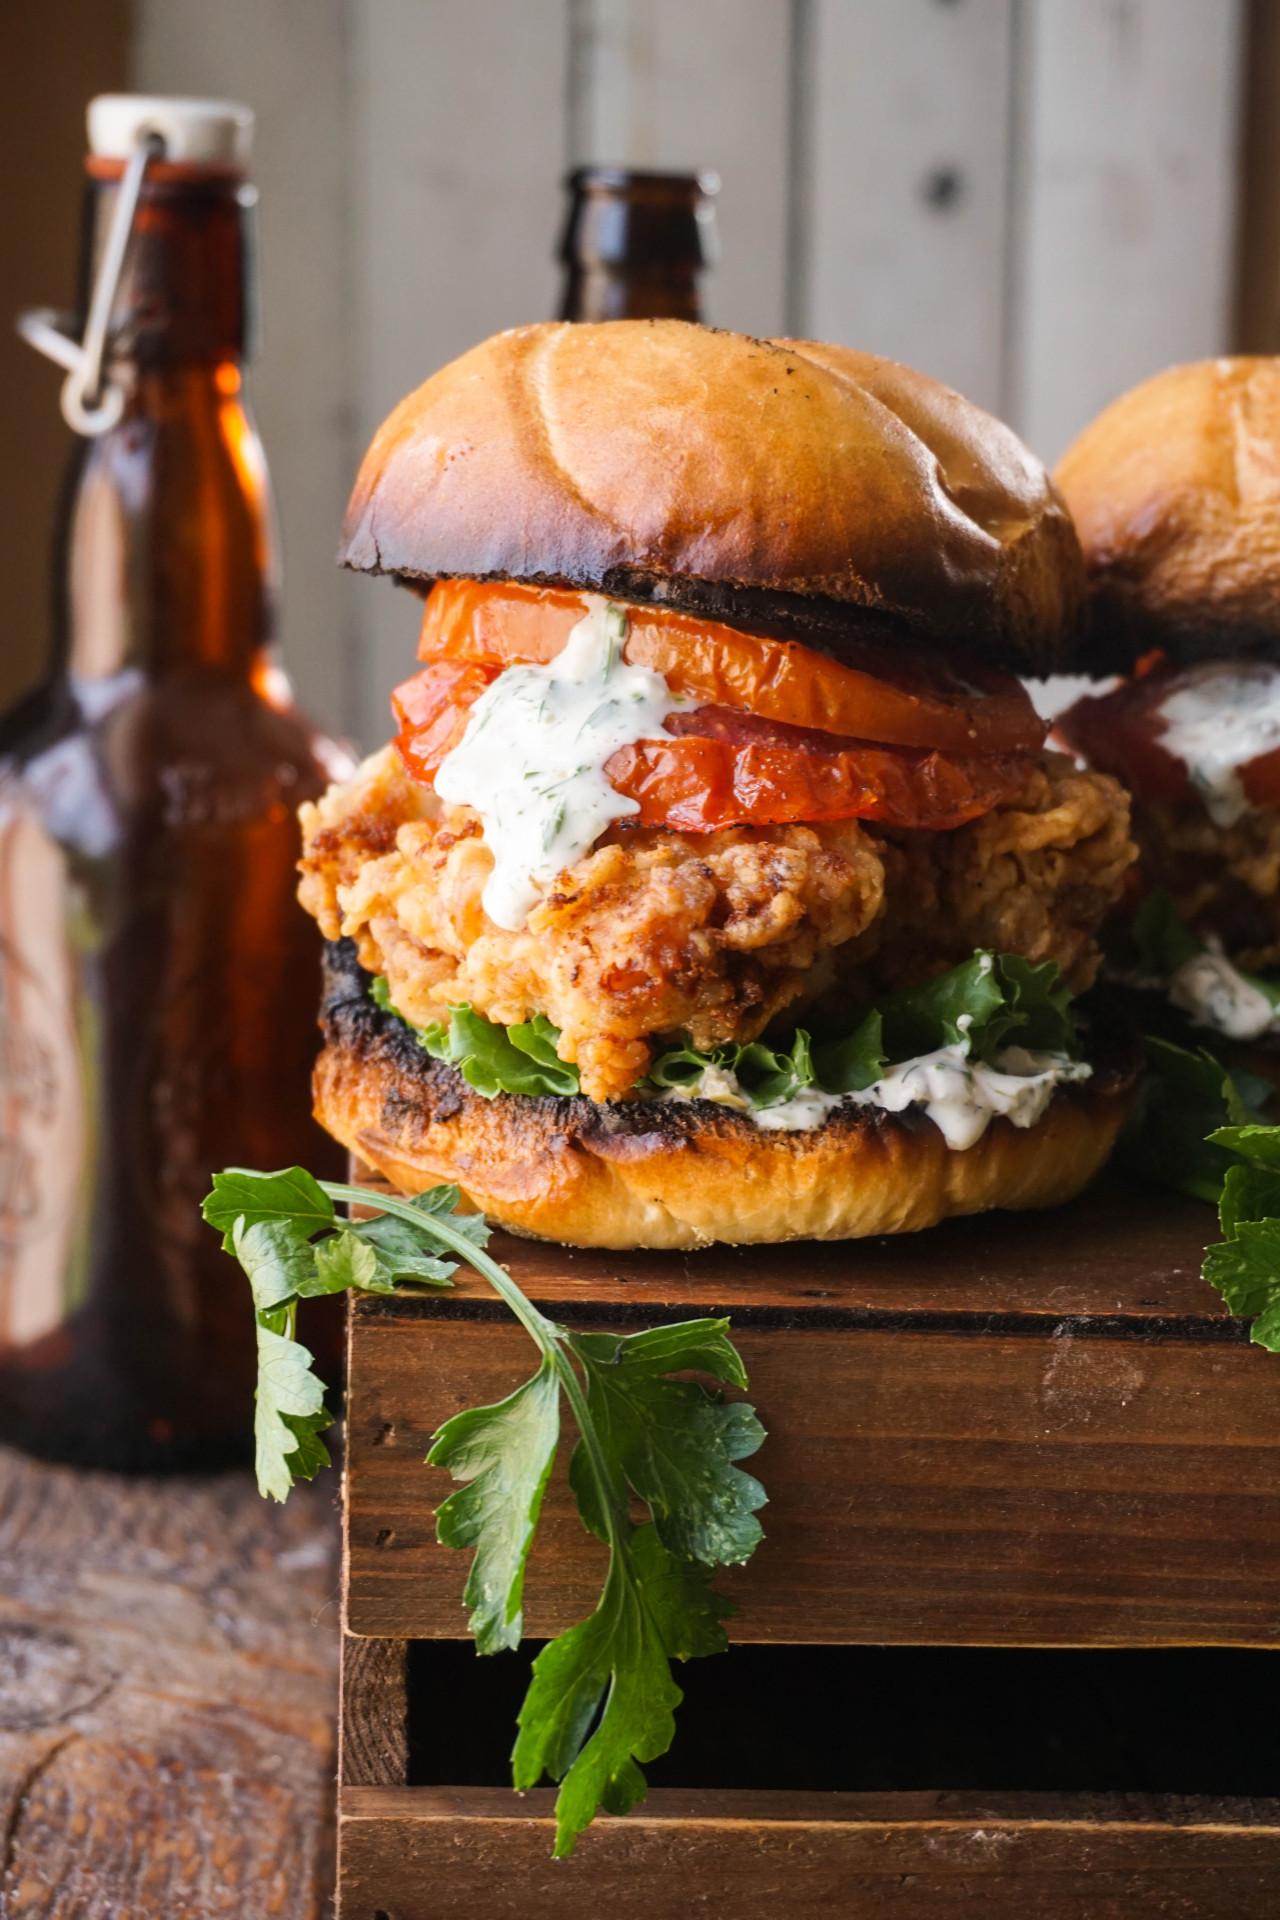 The Charleston Chicken Sandwich